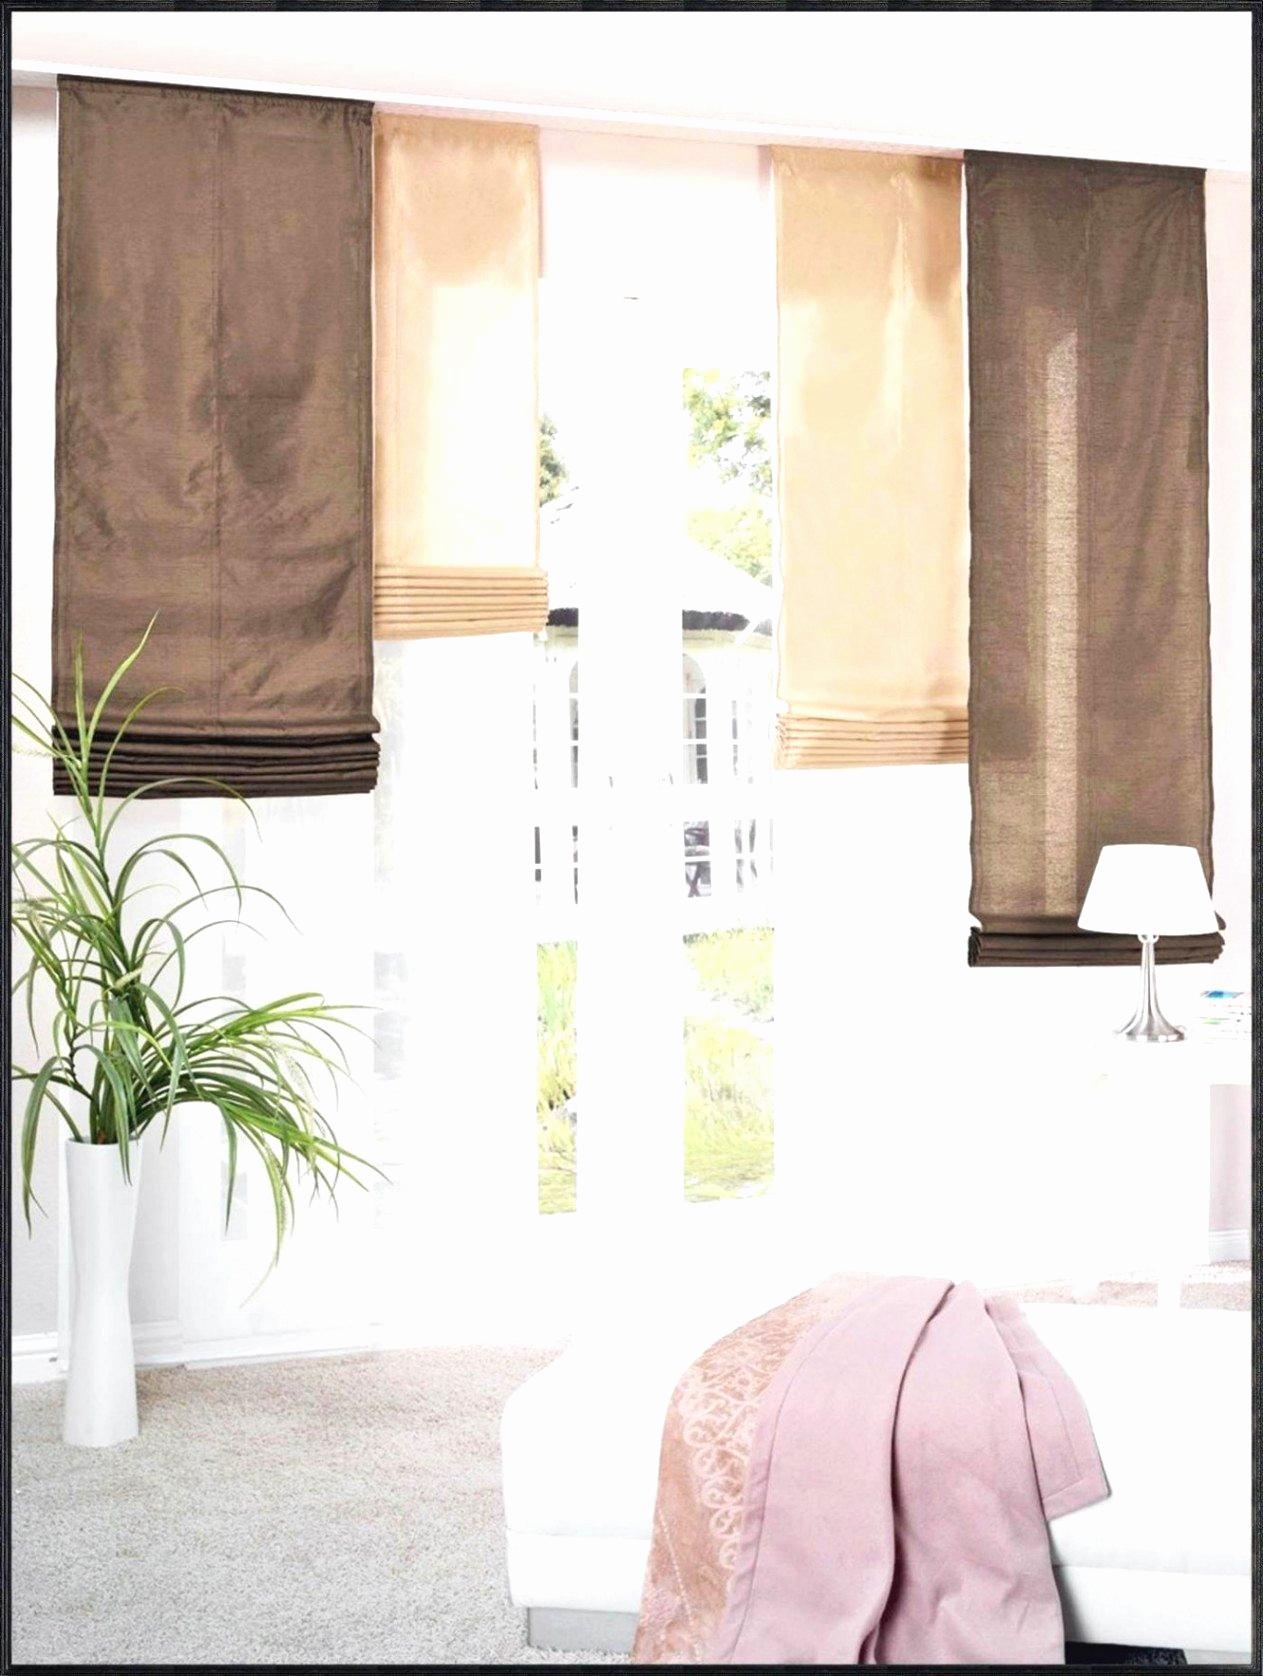 ikea wohnzimmer ideen neu design gardinen schlafzimmer schlafzimmer gardinen 0d archives beste of ikea wohnzimmer ideen